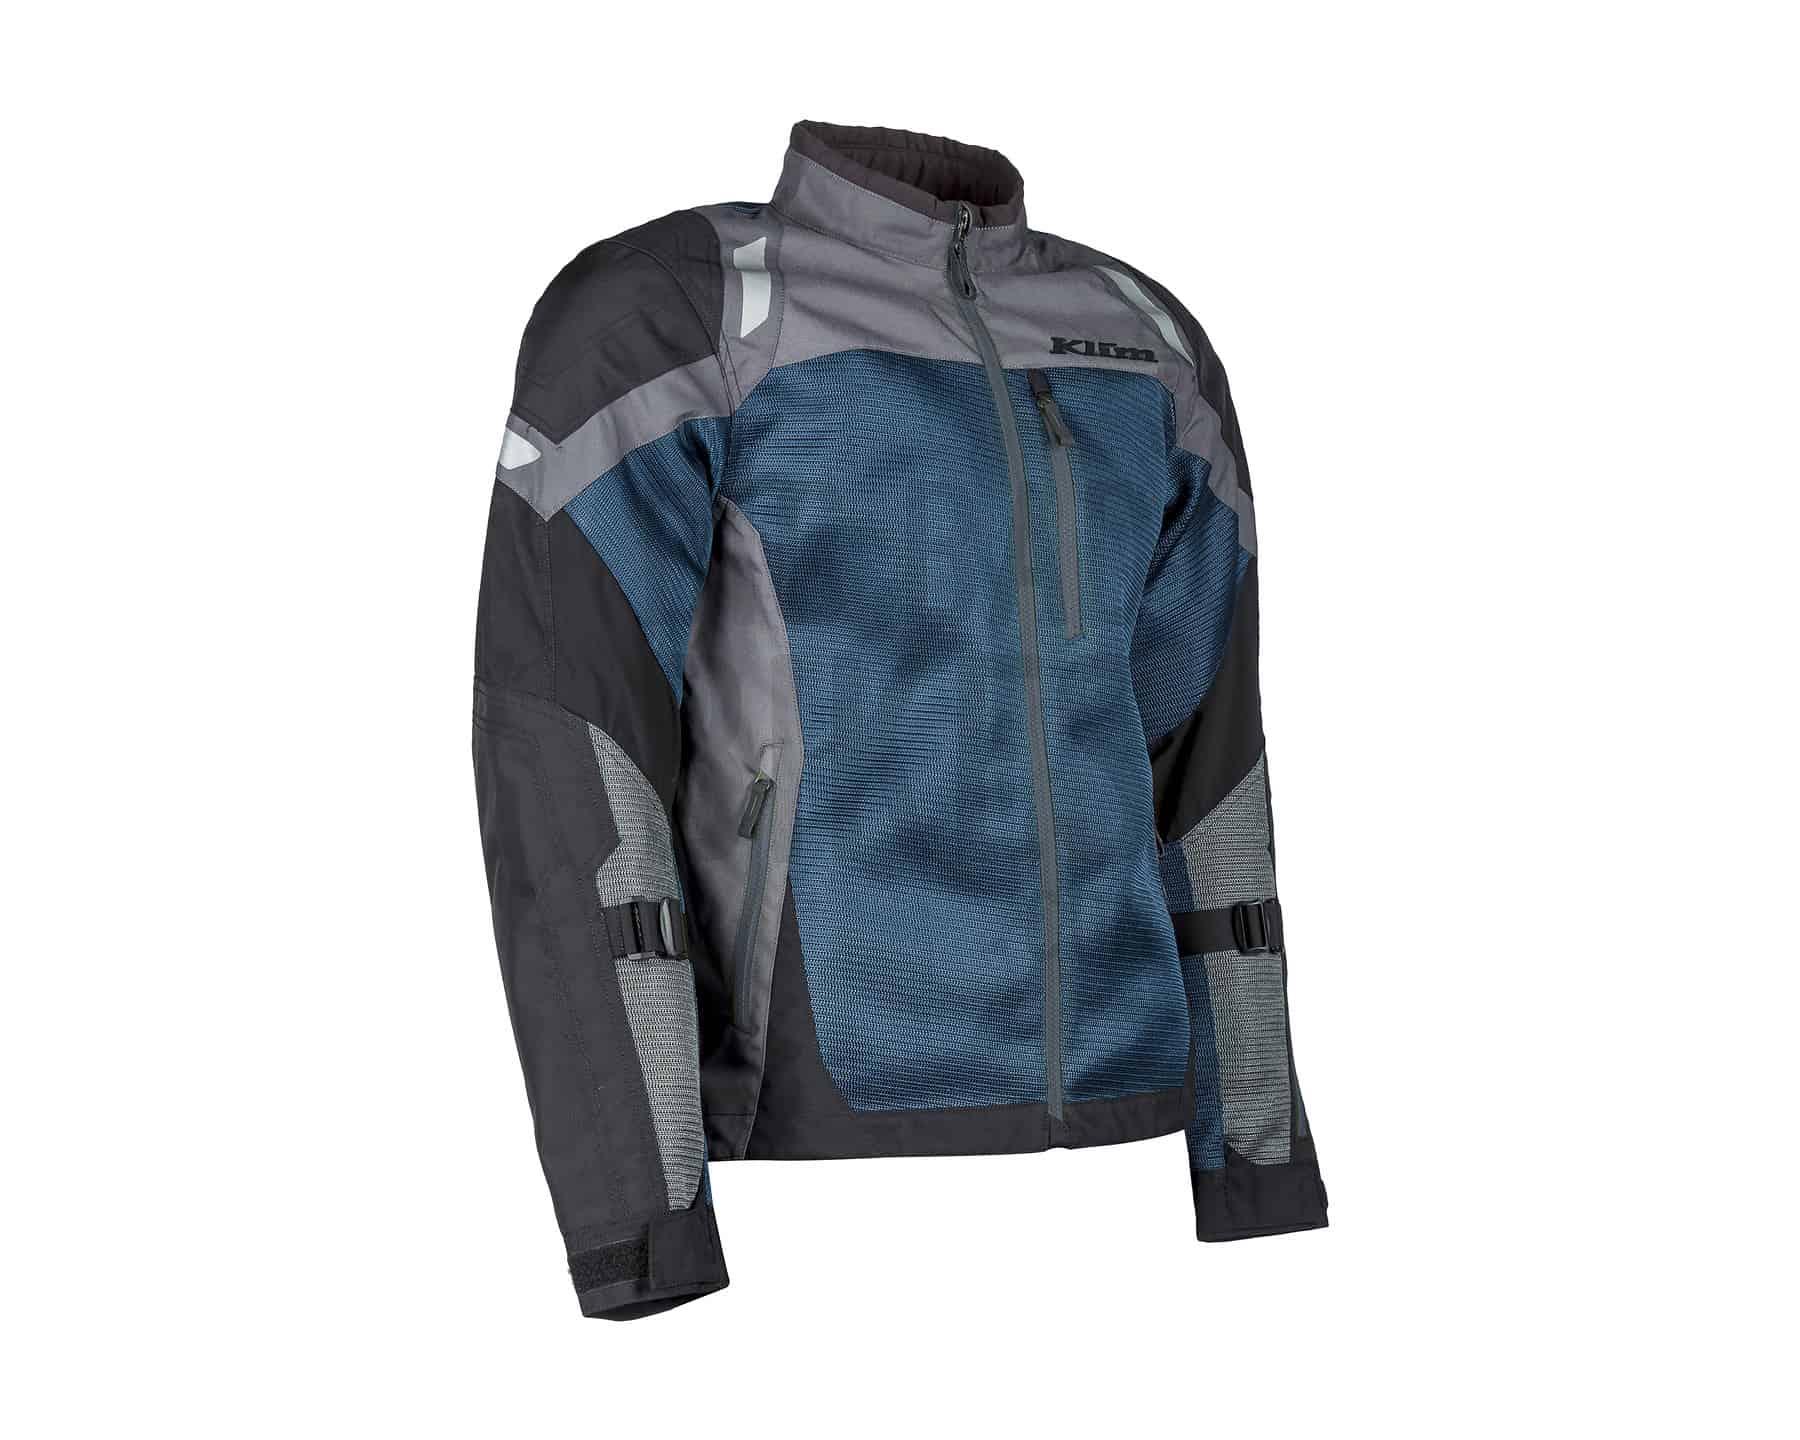 Induction Jacket_5060-002_Blue_03